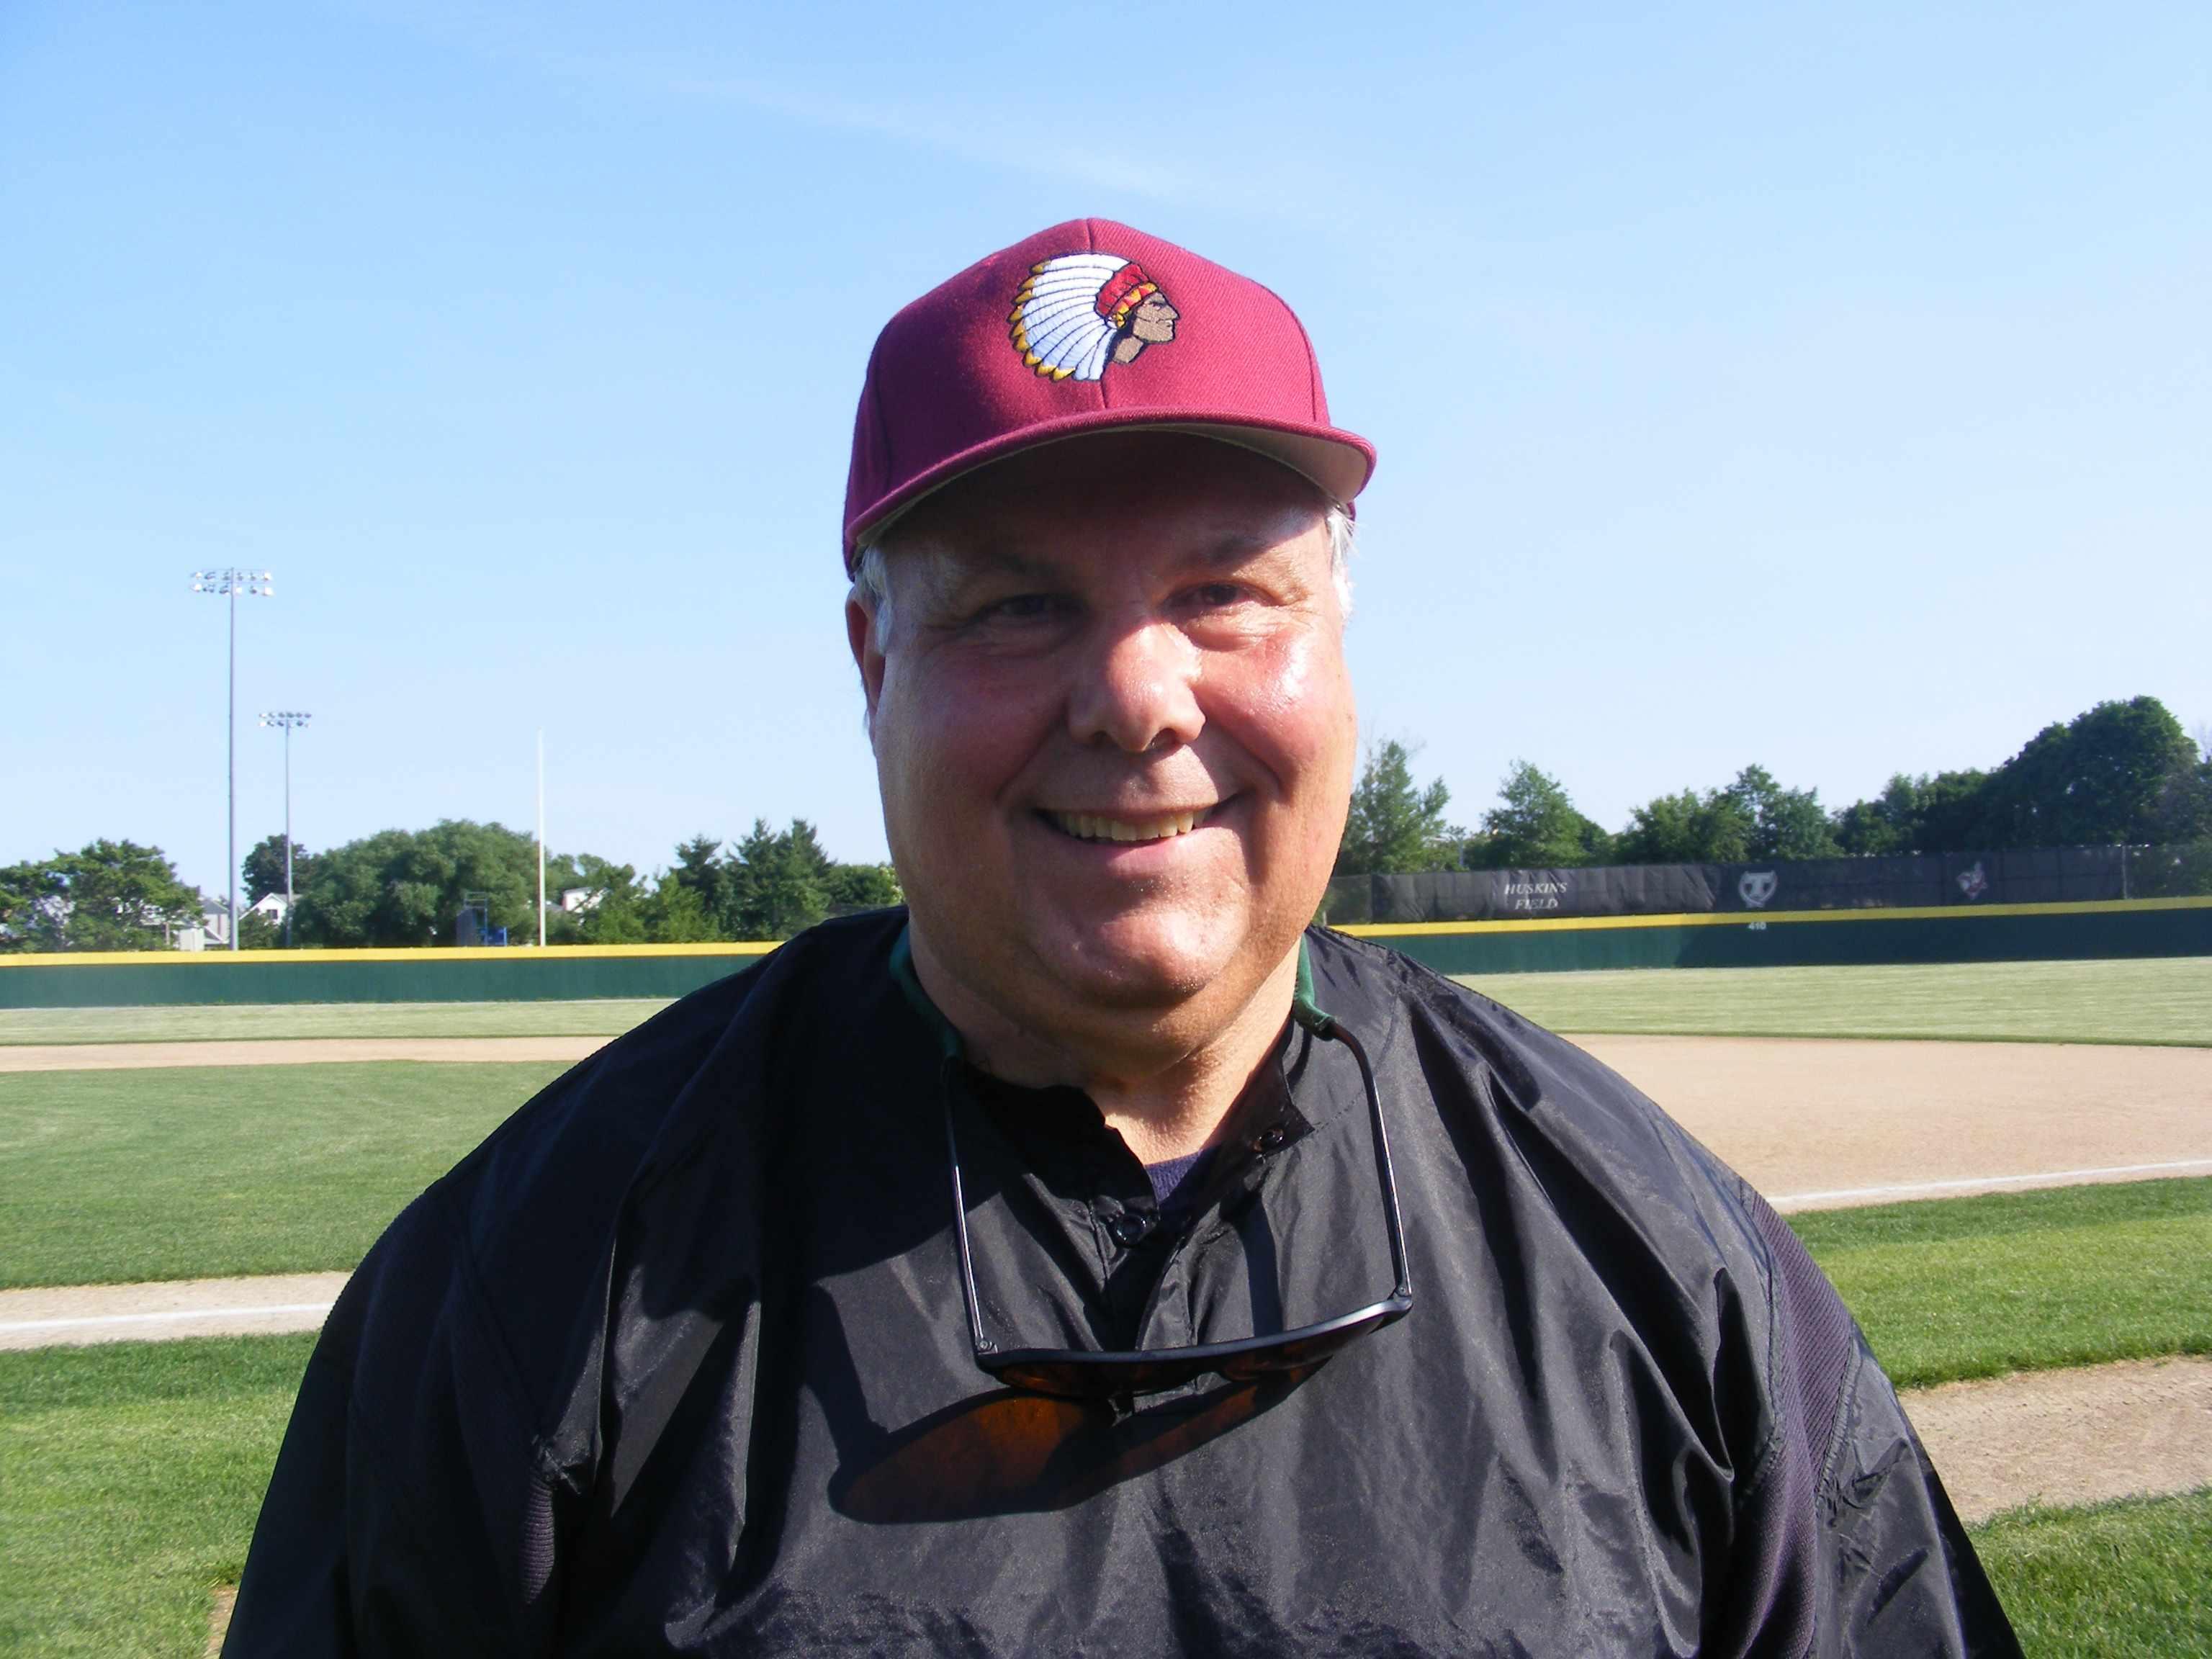 Steve Calabresi